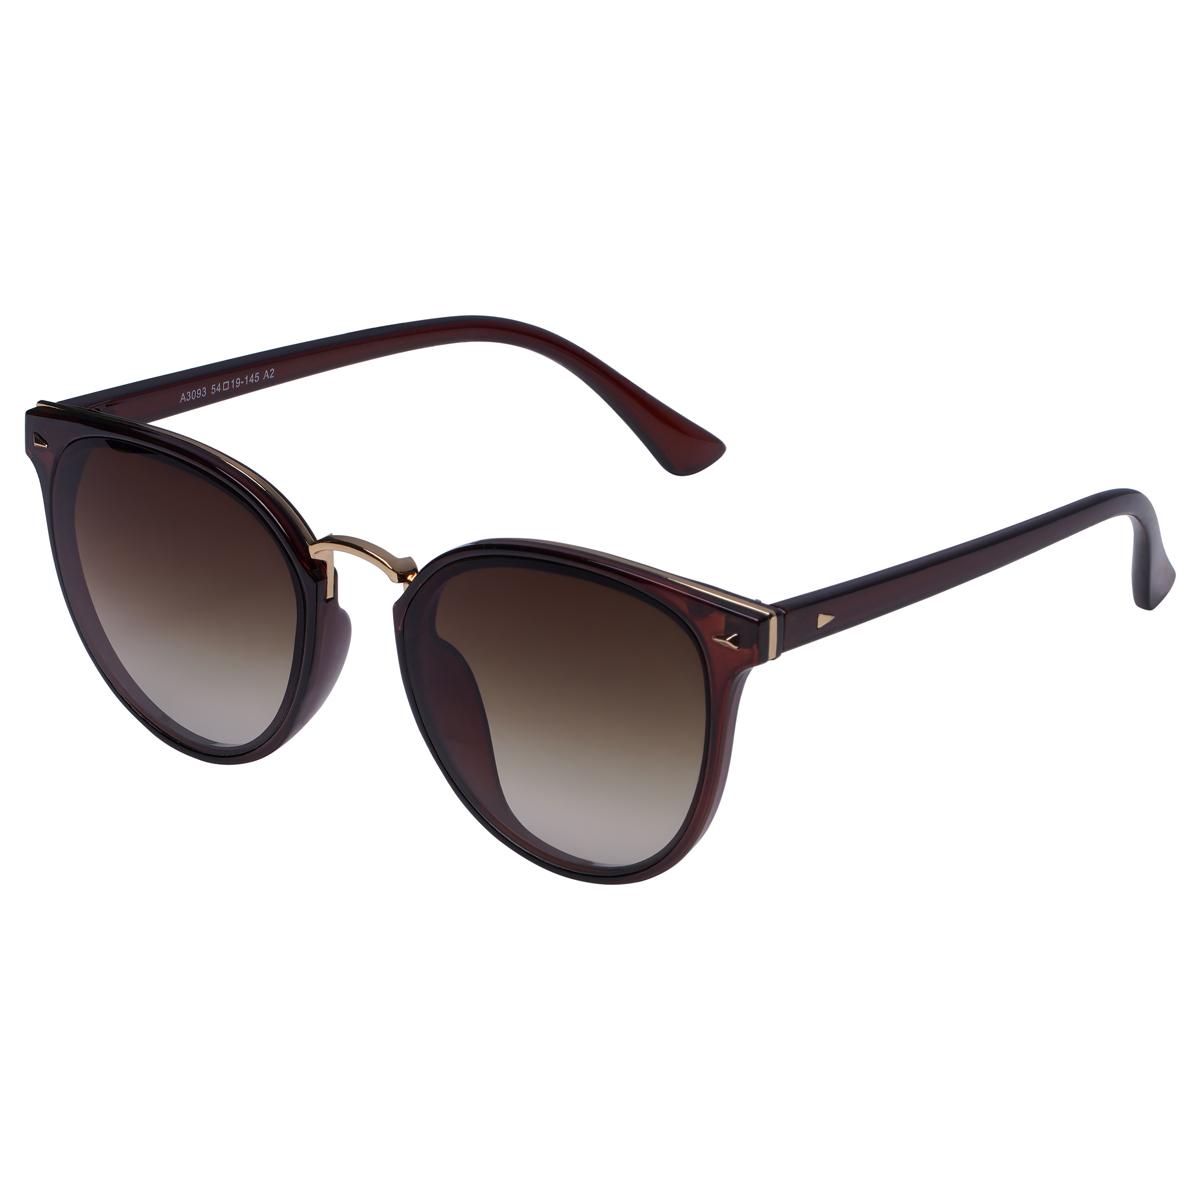 Schwarze sonnenbrille mit dunkel getönter brille